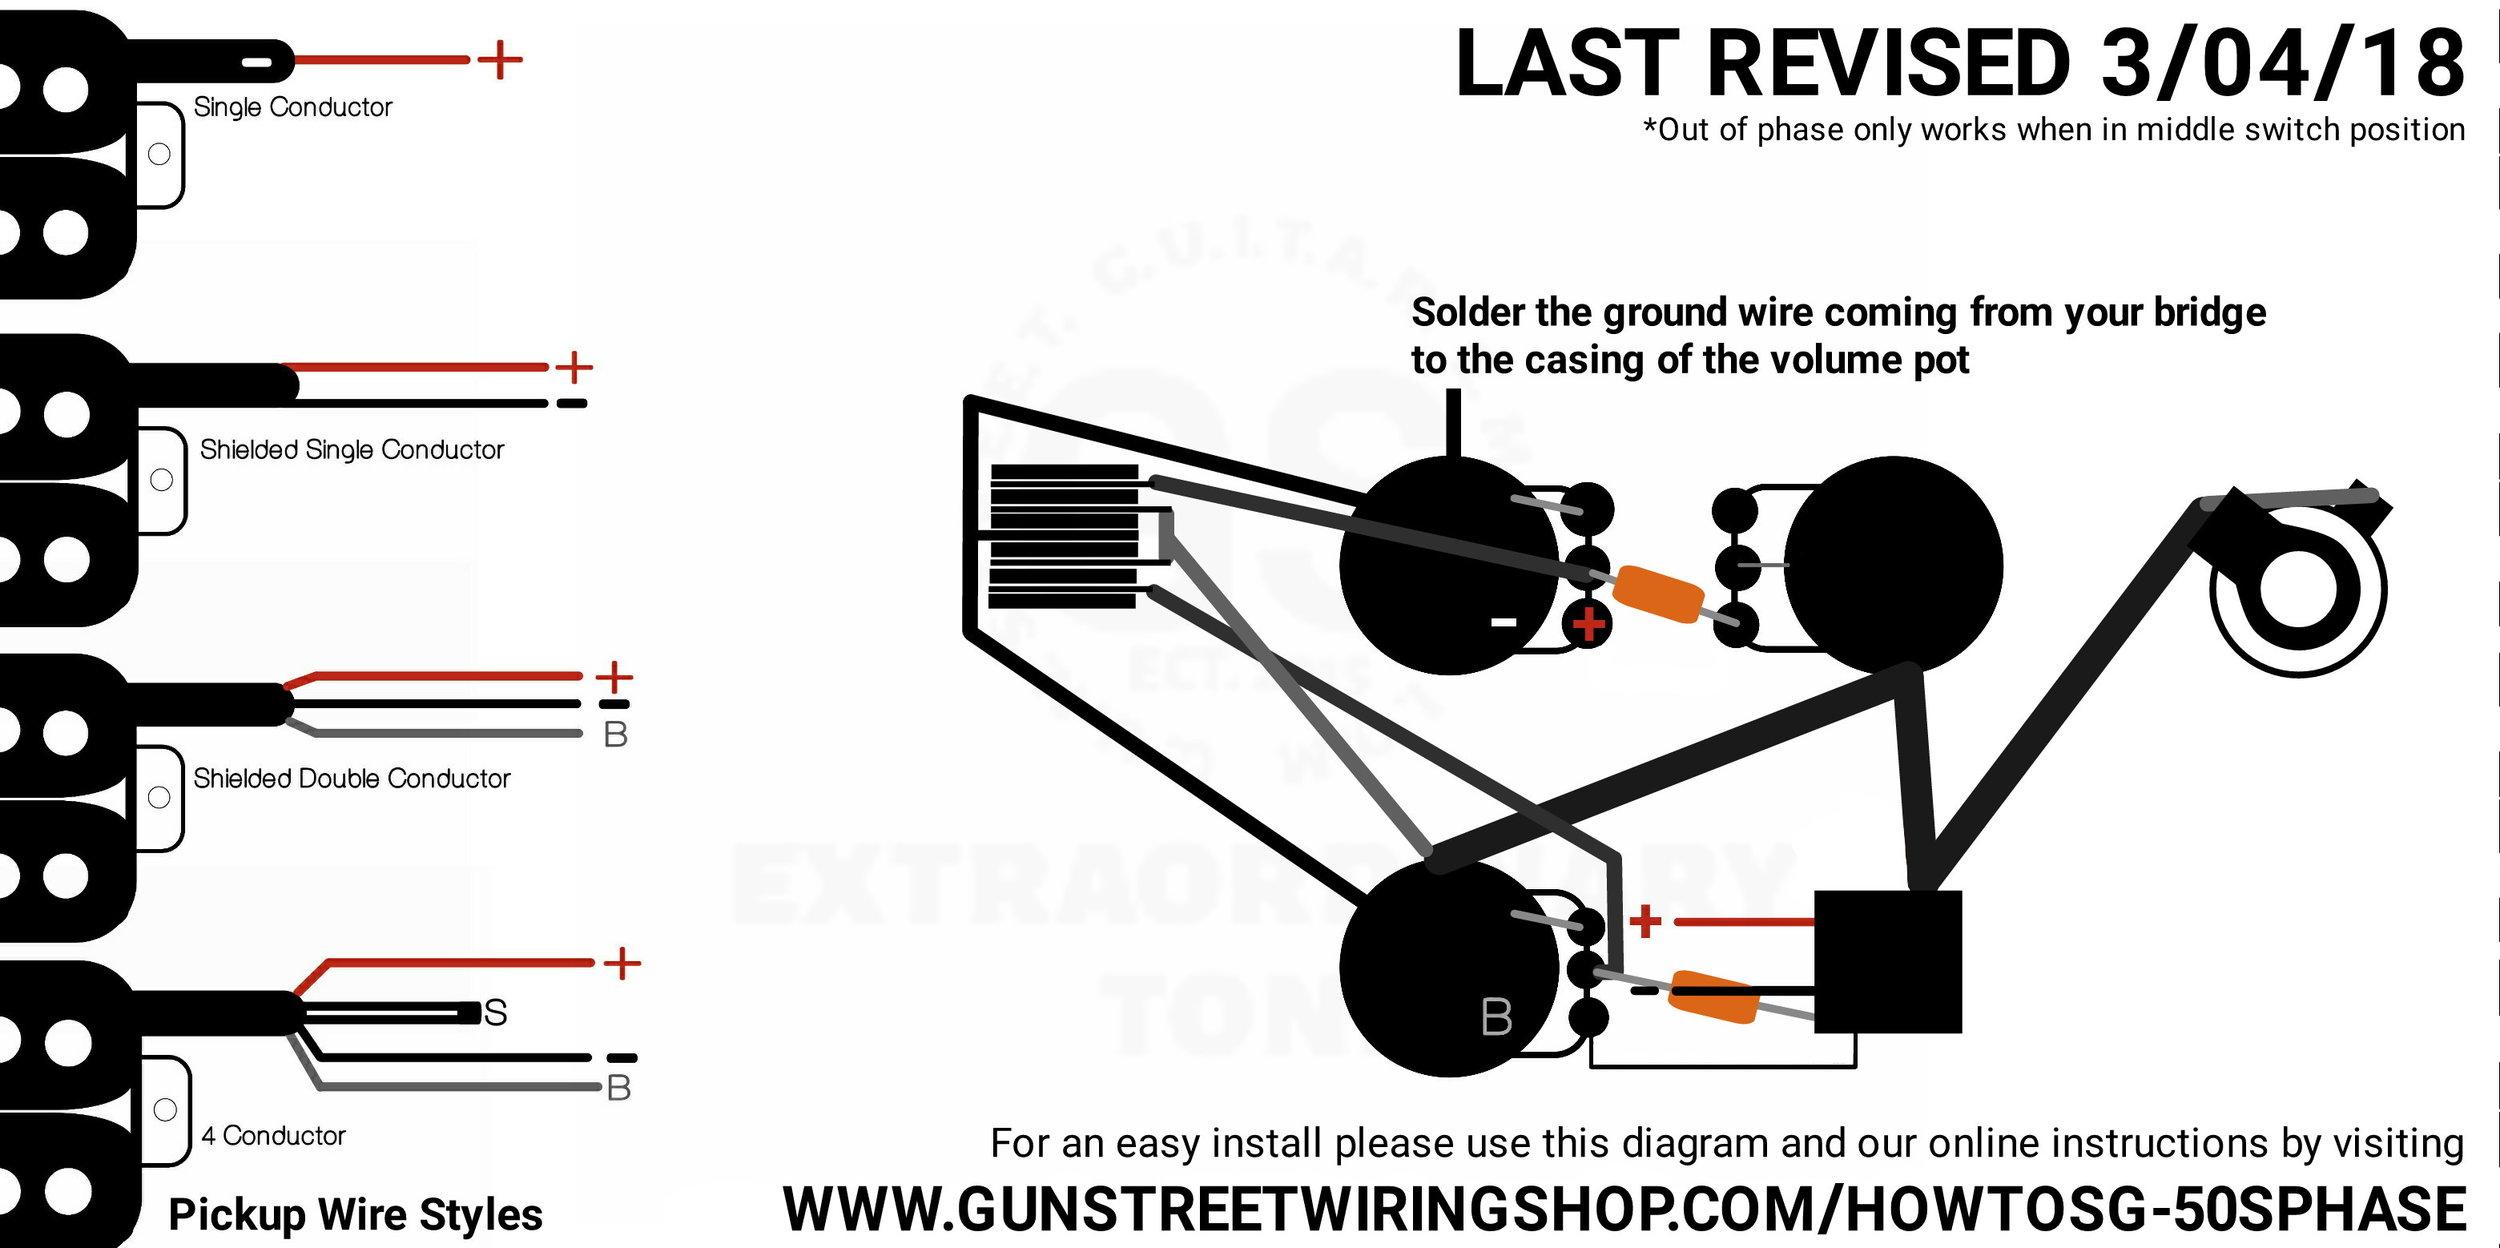 wiring diagram 5 way switch i 39m wiring diagram telecaster wiring 5-way switch diagram wiring diagram 5 way switch i 39m #8